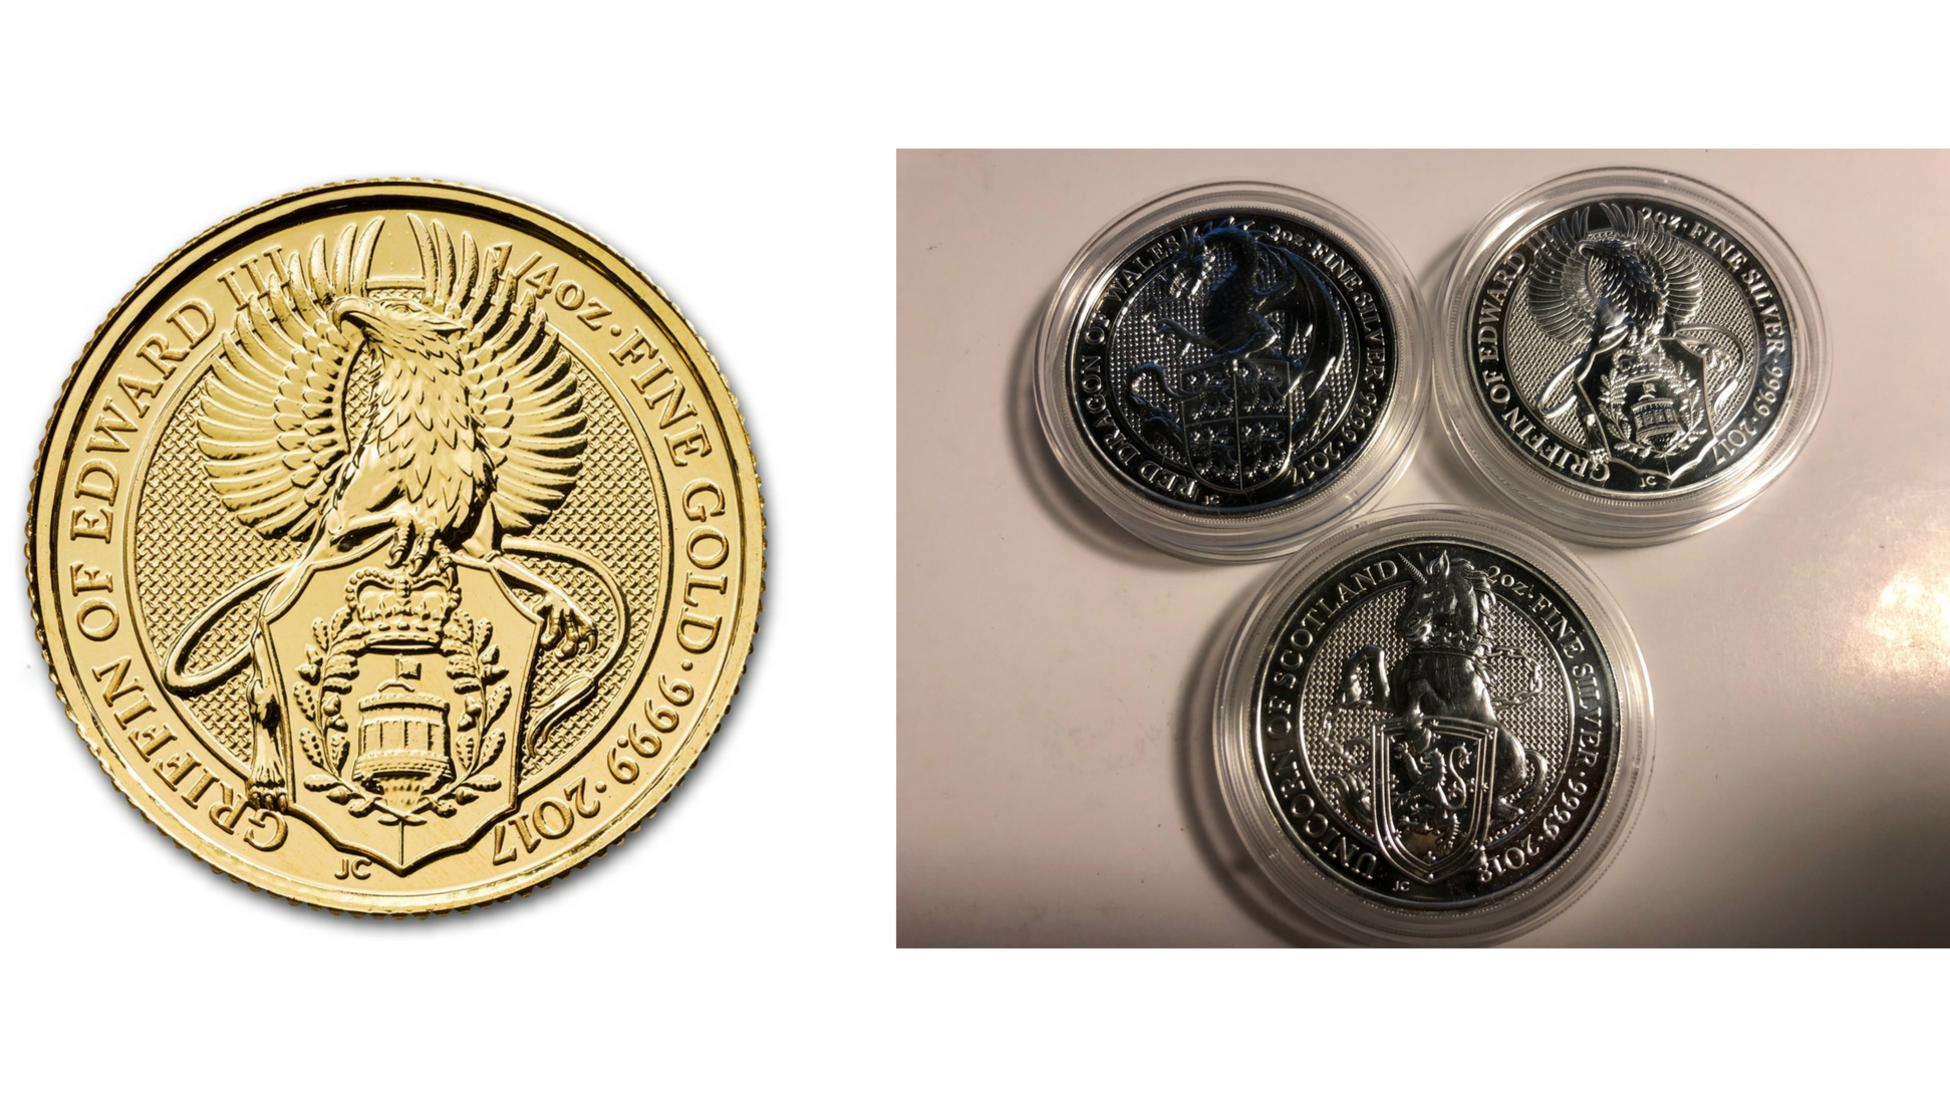 Königin Elizabeth Ii Diese Besonderen Münzen Erzählen Von Der